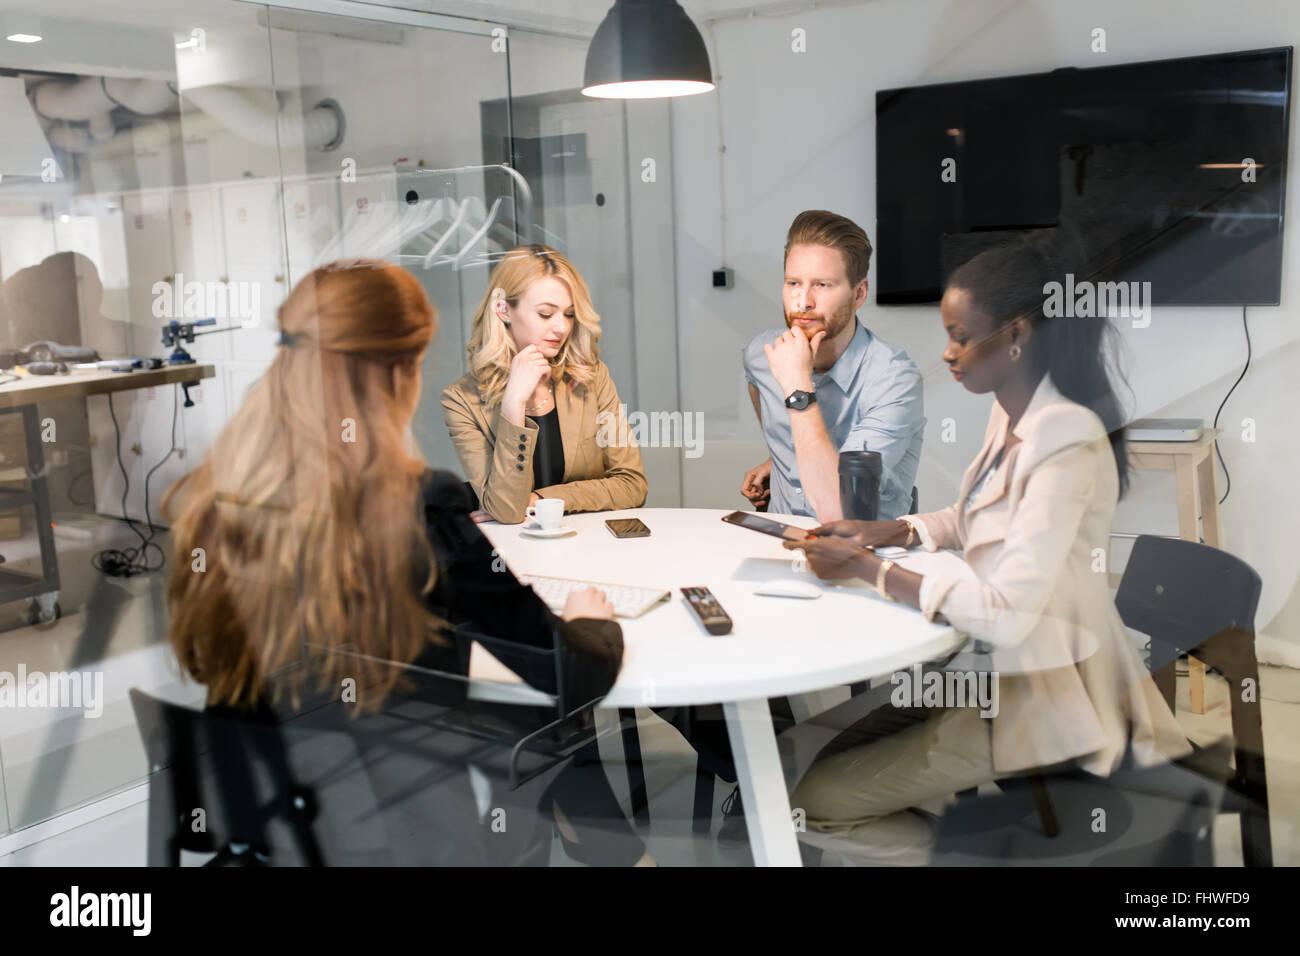 Les gens d'affaires réunion du conseil d'office moderne tout en étant assis à table ronde Photo Stock